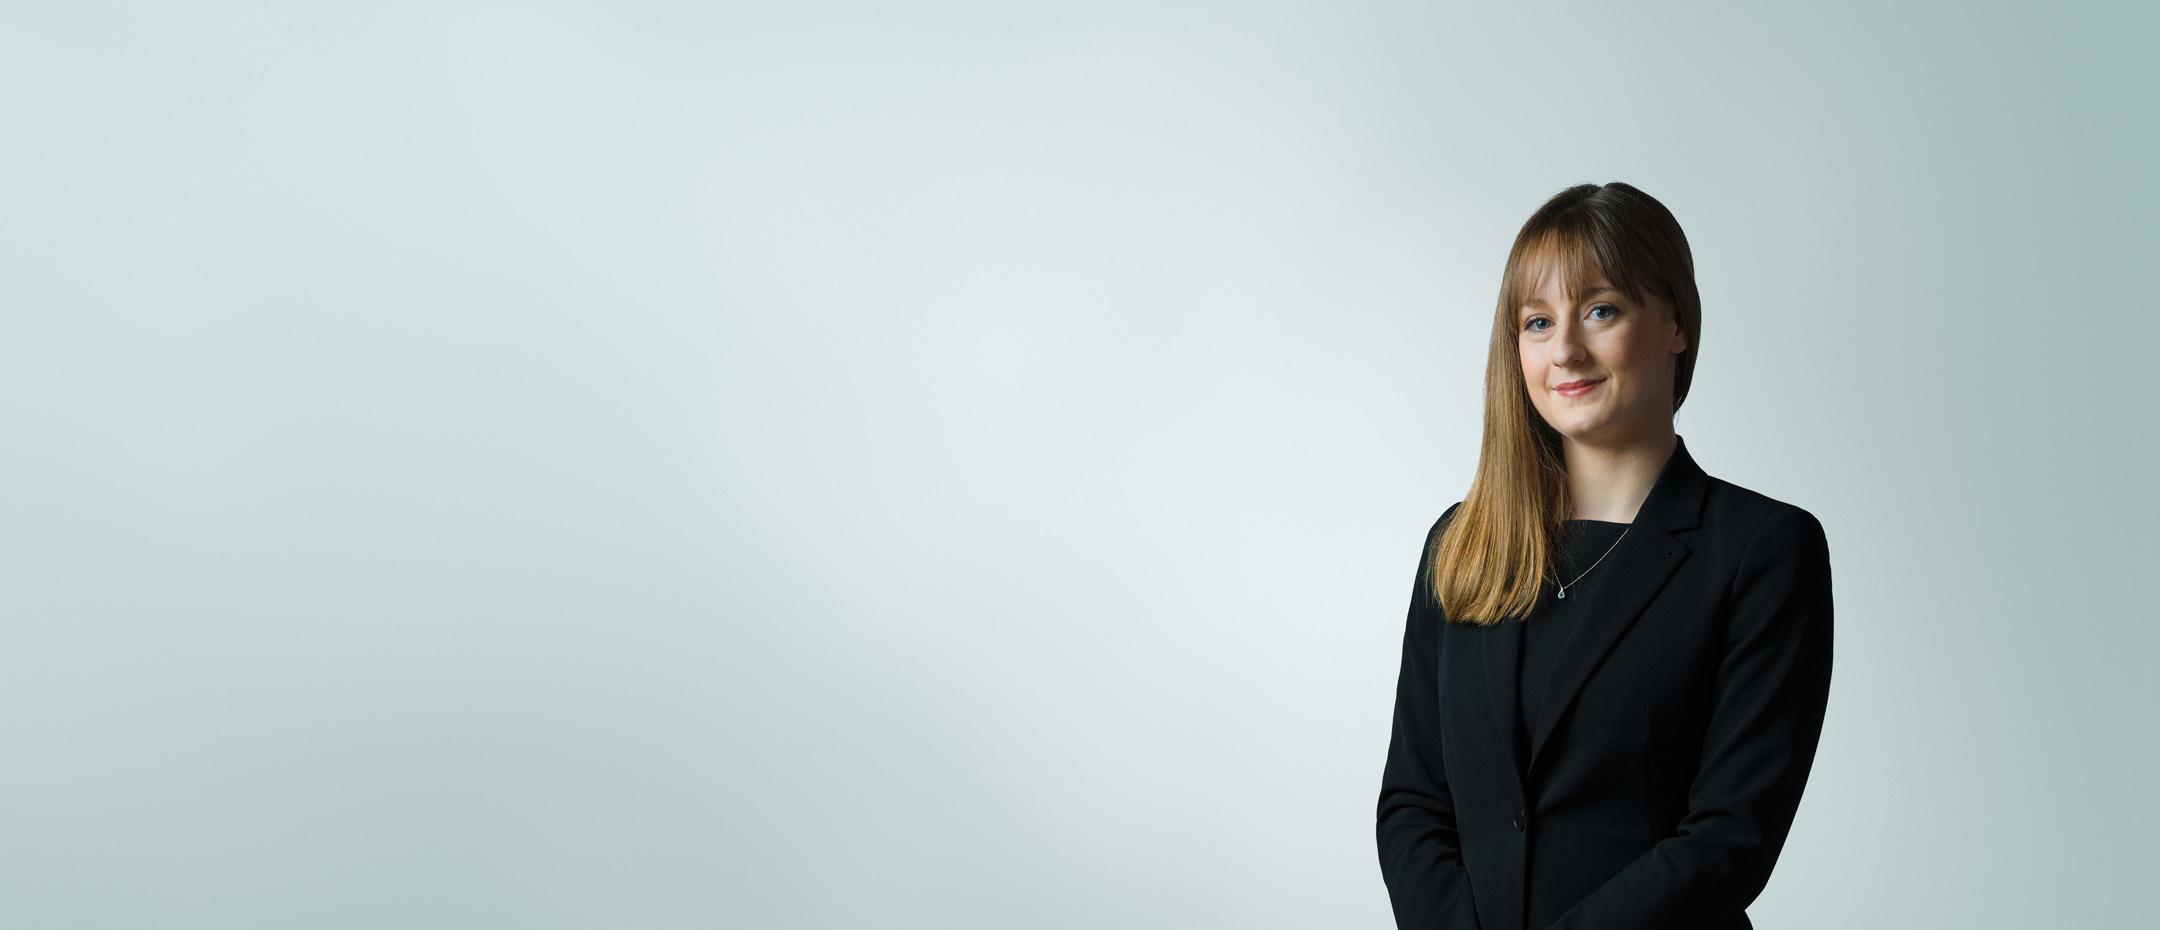 Anna Sutcliffe